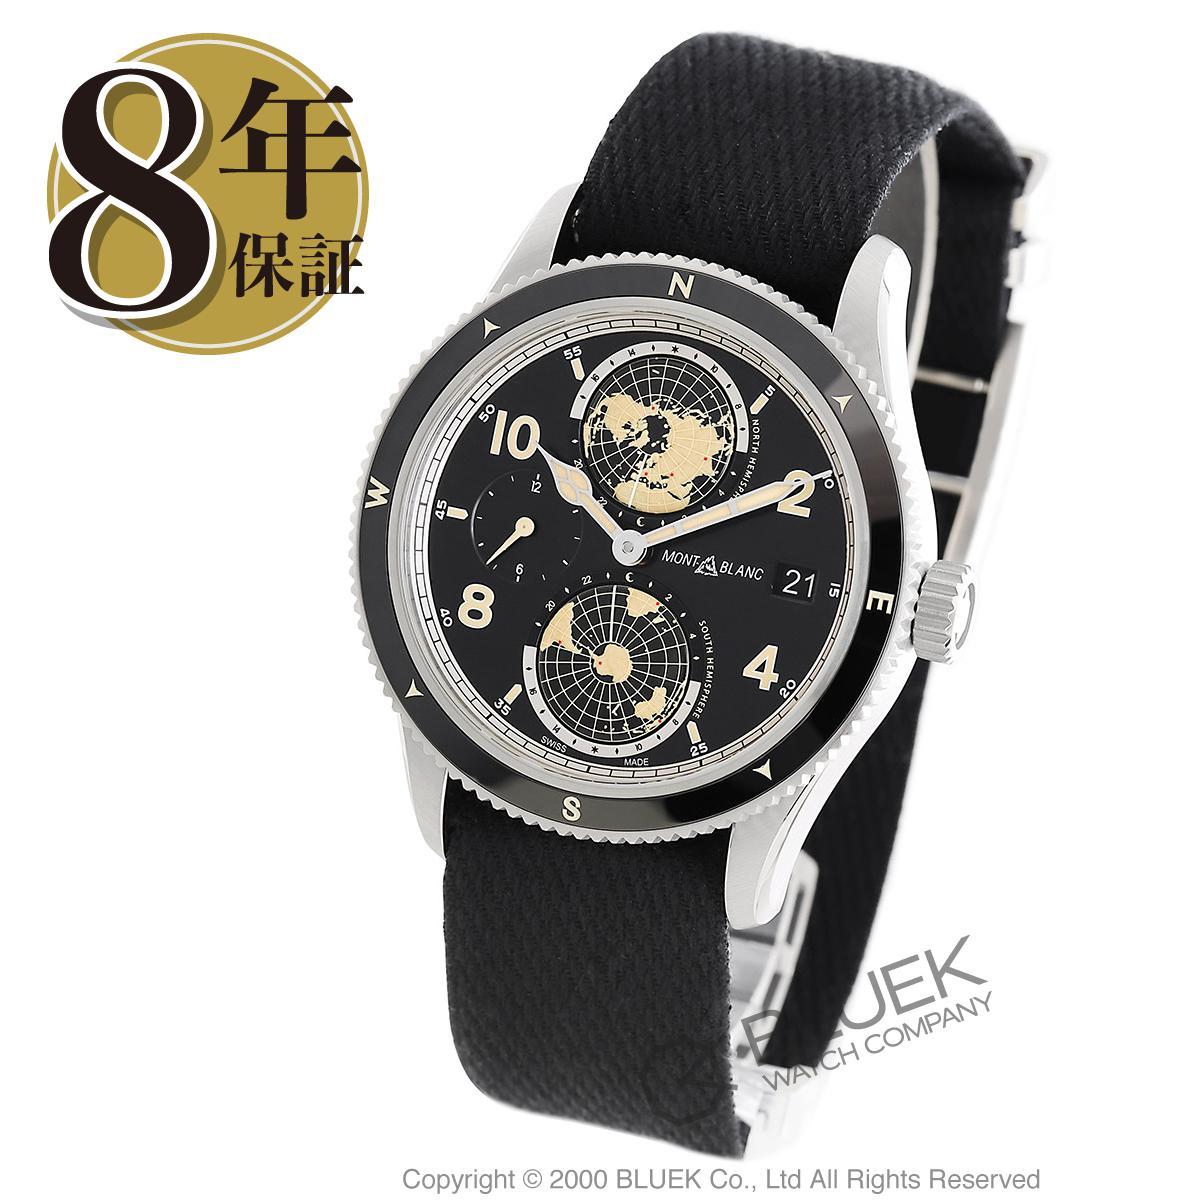 モンブラン 1858 ジオスフェール 腕時計 メンズ MONTBLANC 117837_8